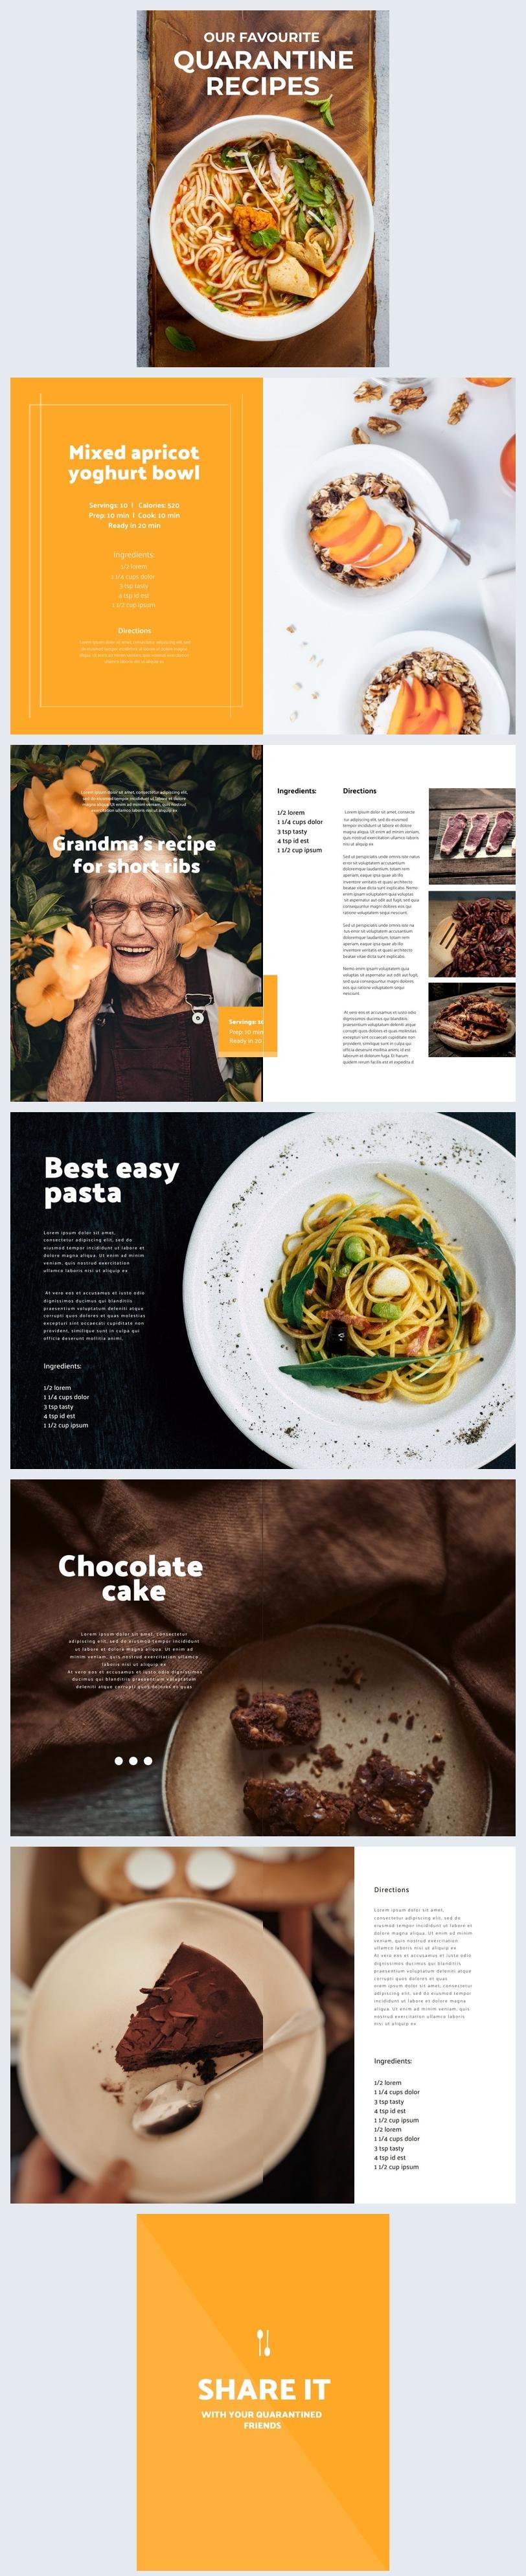 Mise en page de design de livre de recettes de quarantaine